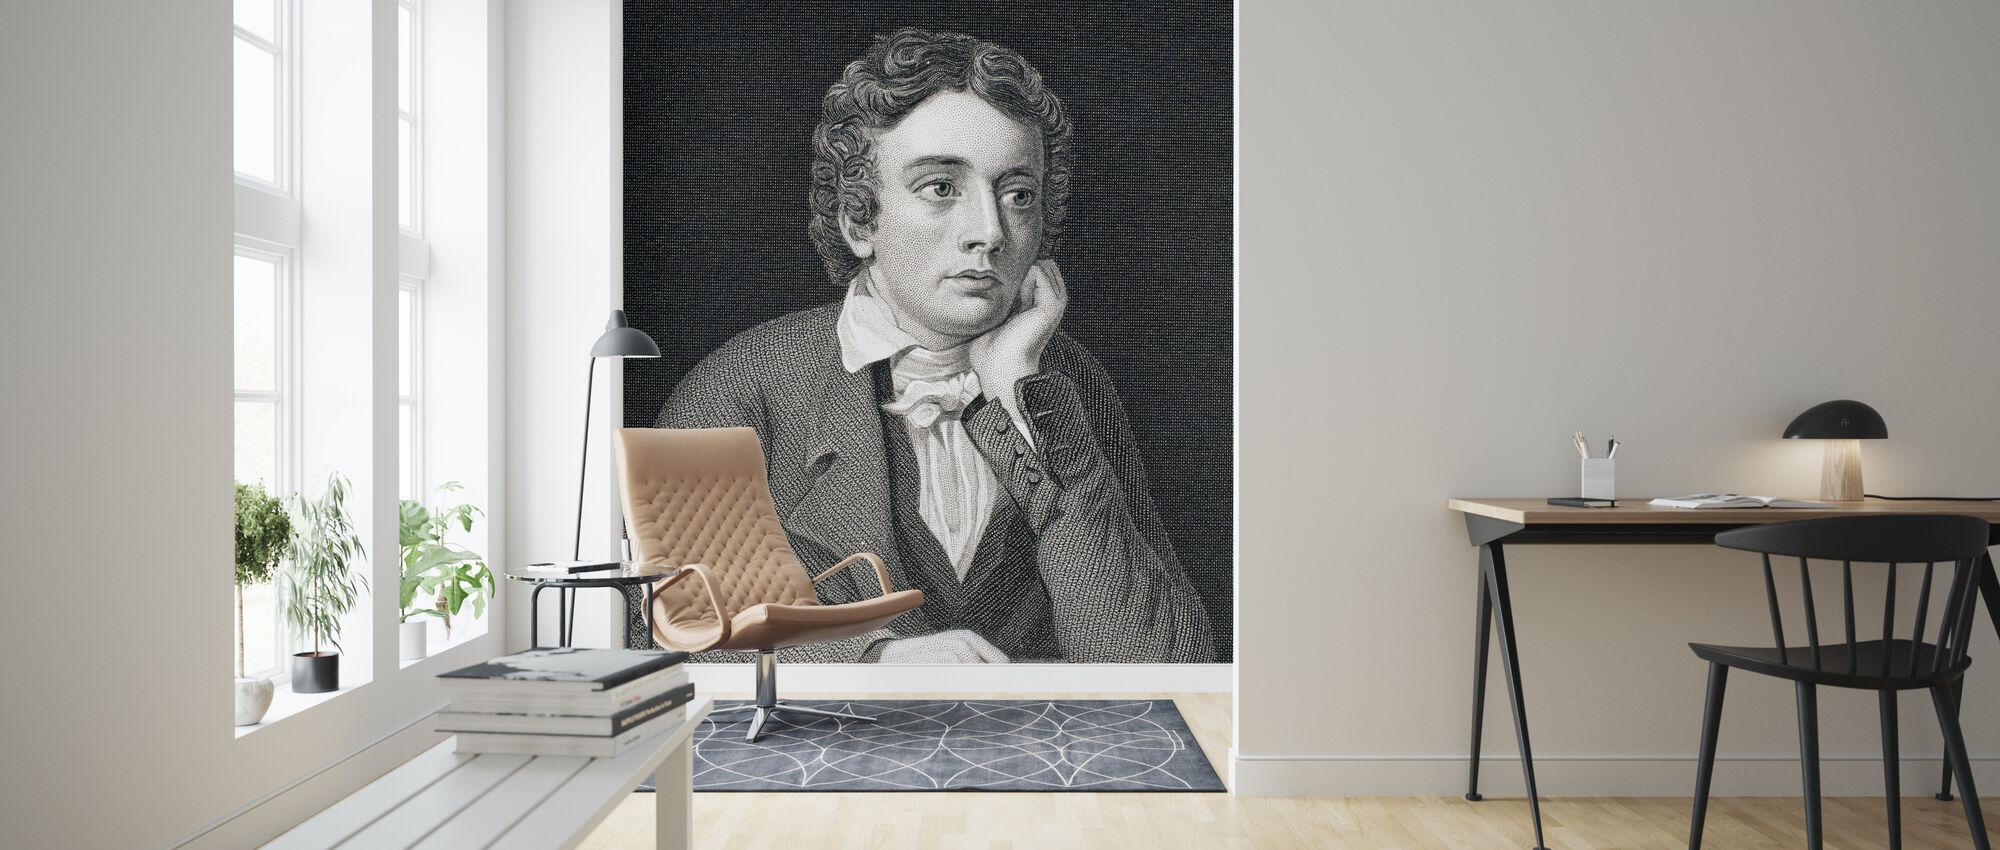 John Keats - Wallpaper - Living Room